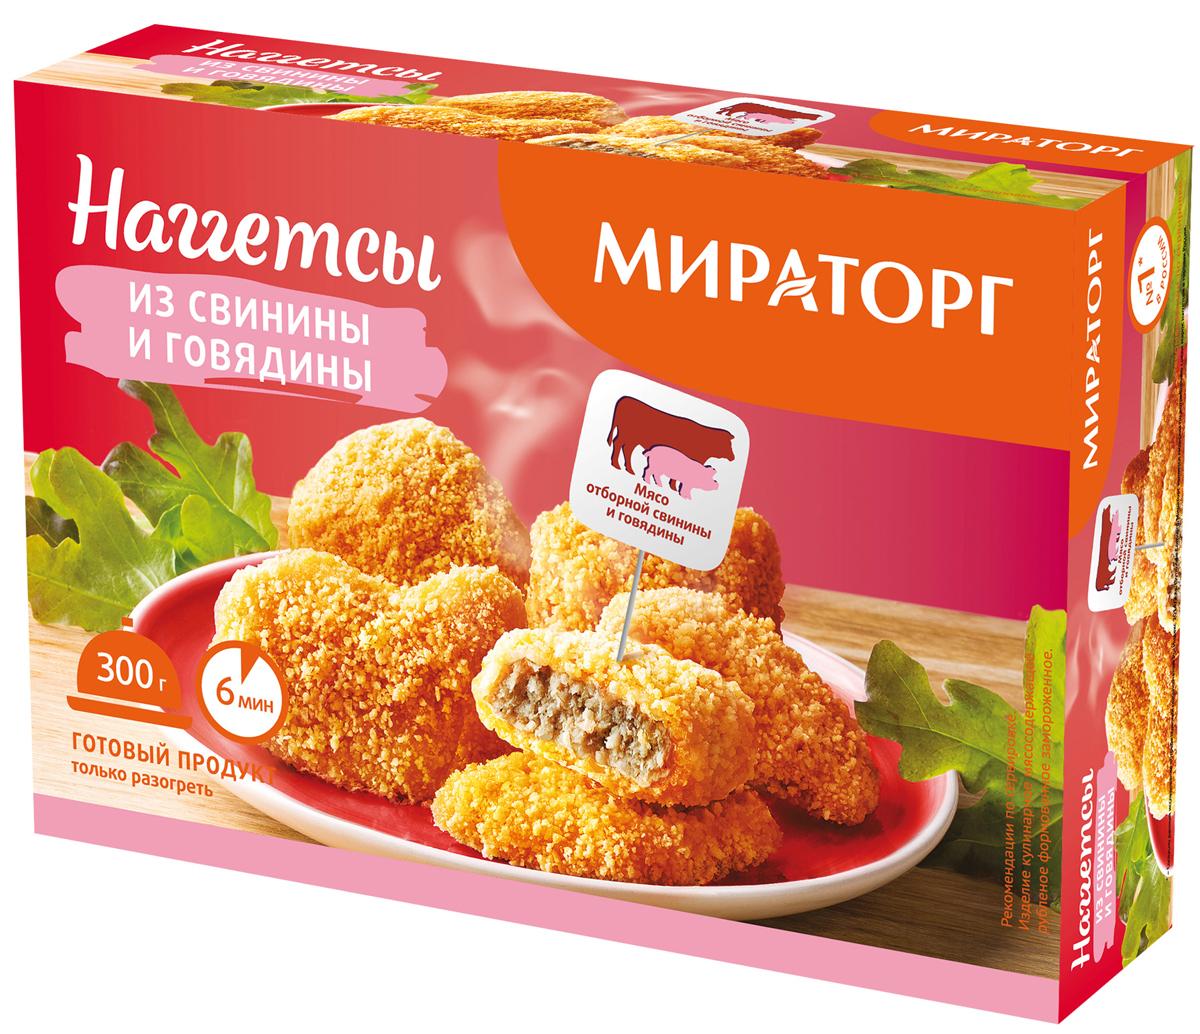 Наггетсы из свинины и говядины Мираторг, 300 г